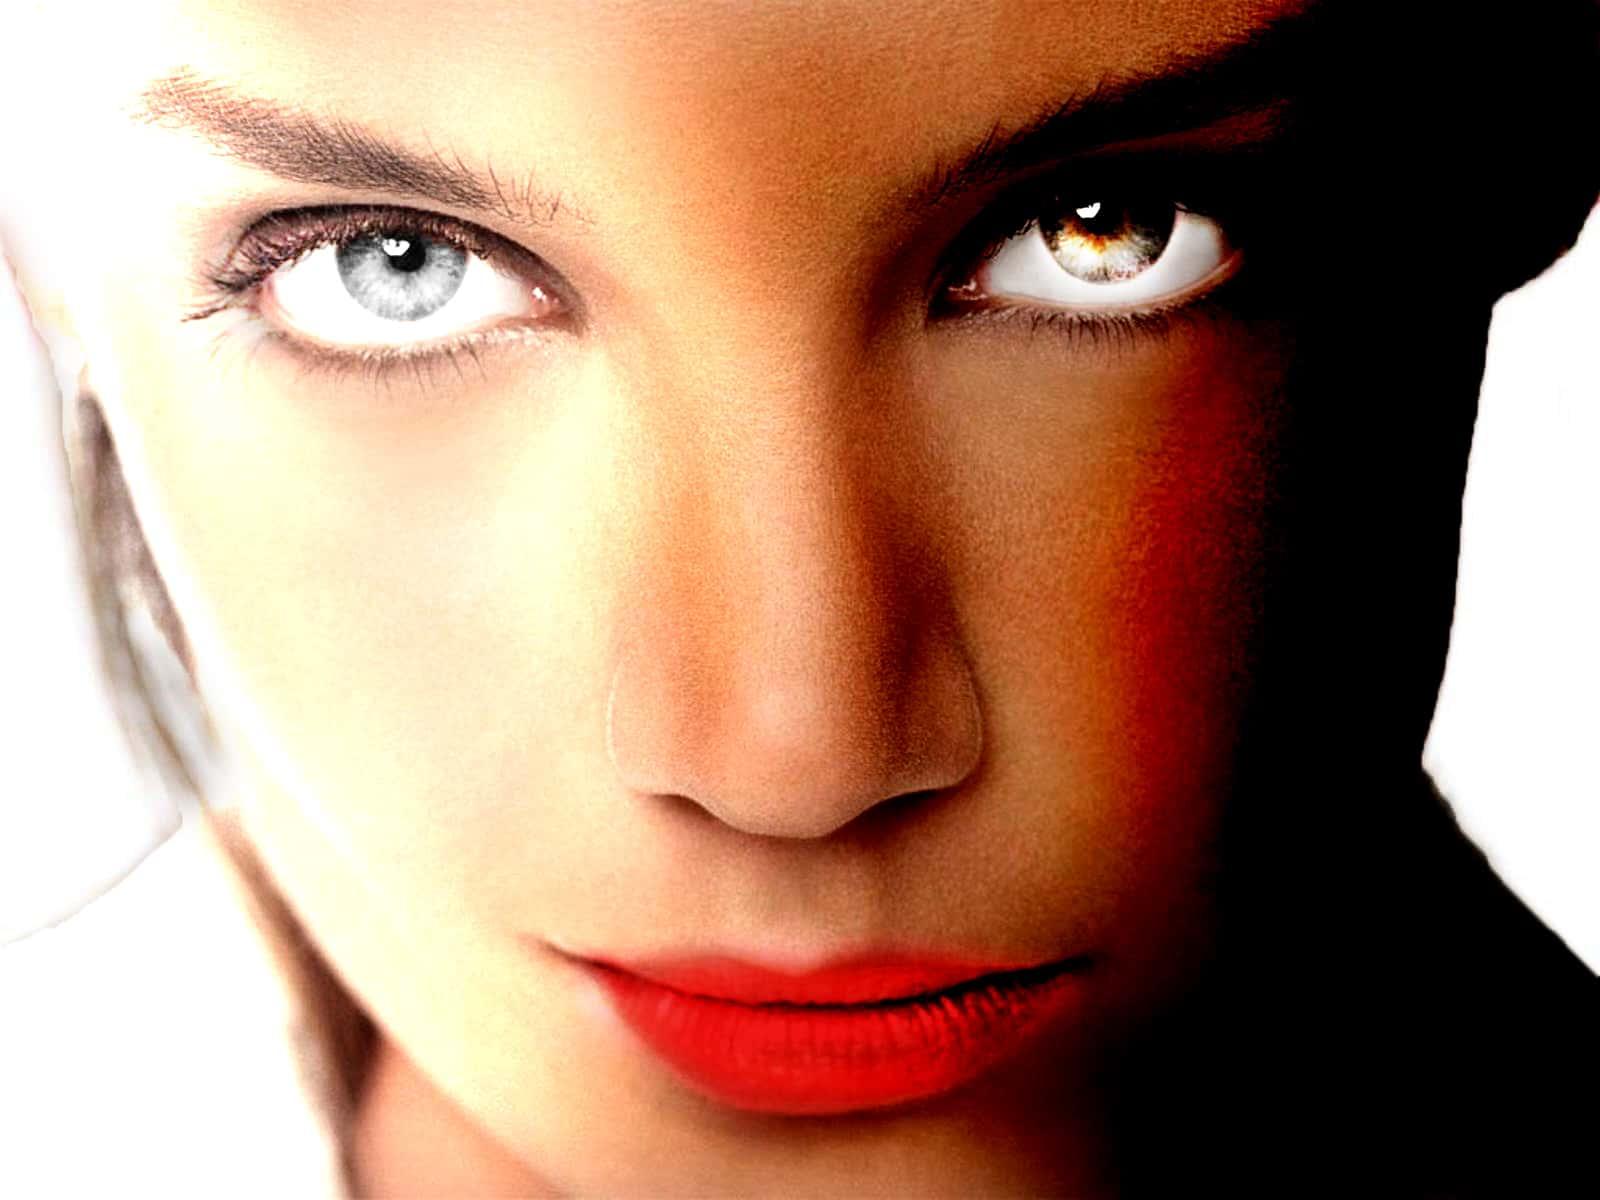 Trucco photoshop made by AB WebDesign realizzazione siti web e grafica commerciale